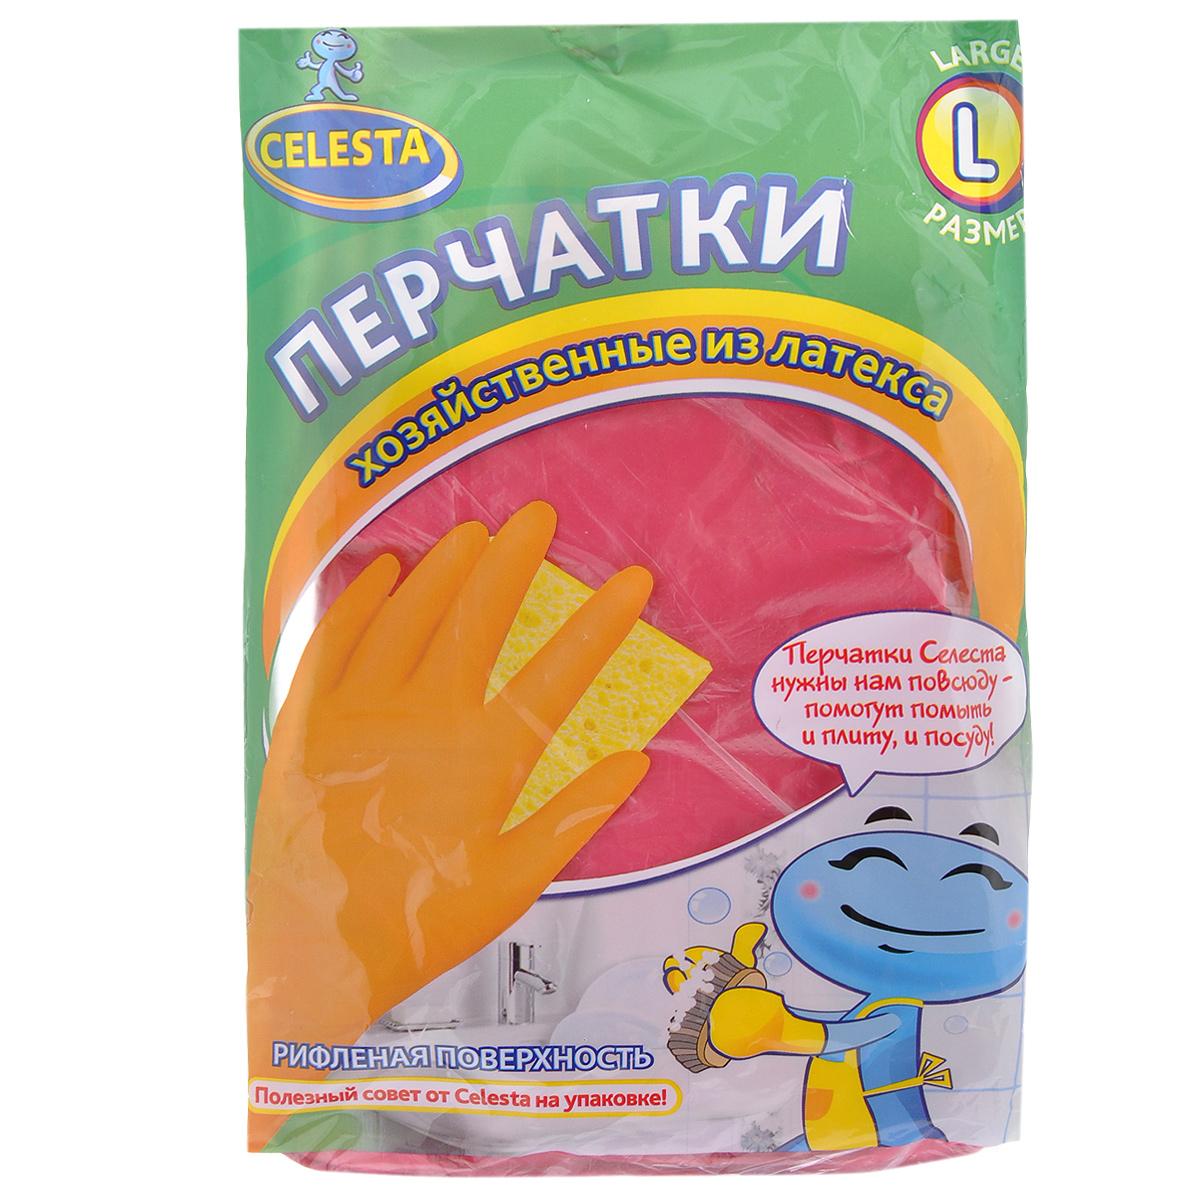 Перчатки хозяйственные Celesta, цвет в ассортименте. Размер L